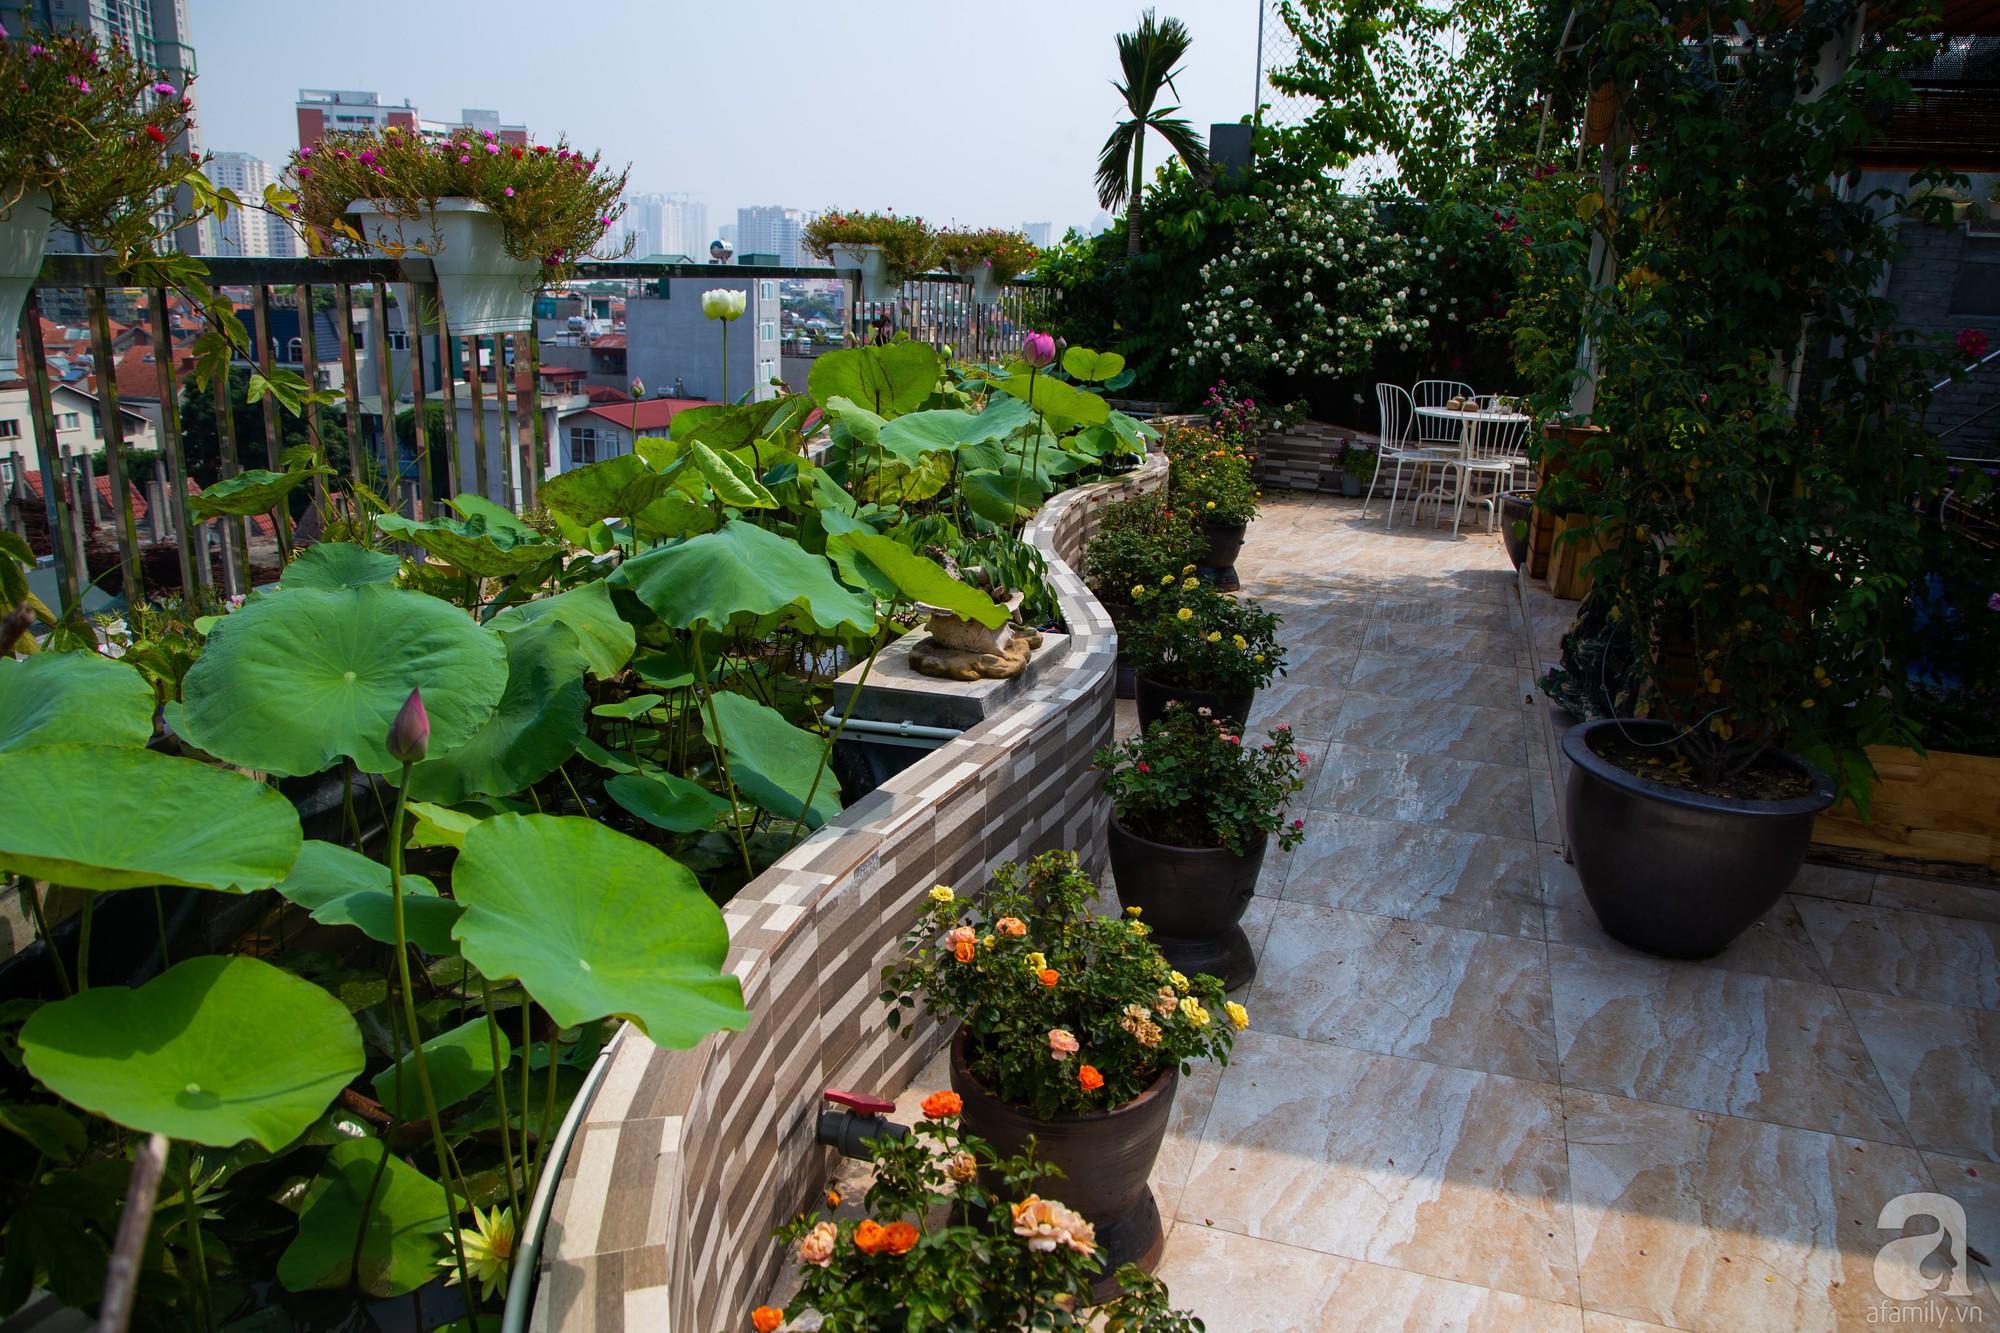 Khu vườn trên sân thượng rộng 200m² đẹp ngỡ ngàng với trăm loài hoa đua nhau khoe sắc ở Hà Nội - Ảnh 13.